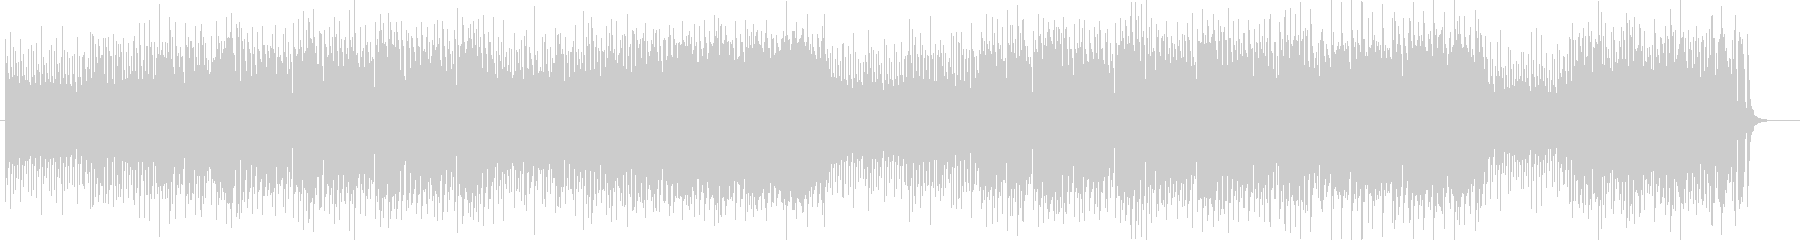 ユニークな鍵盤・打楽器・トランペット曲の未再生の波形